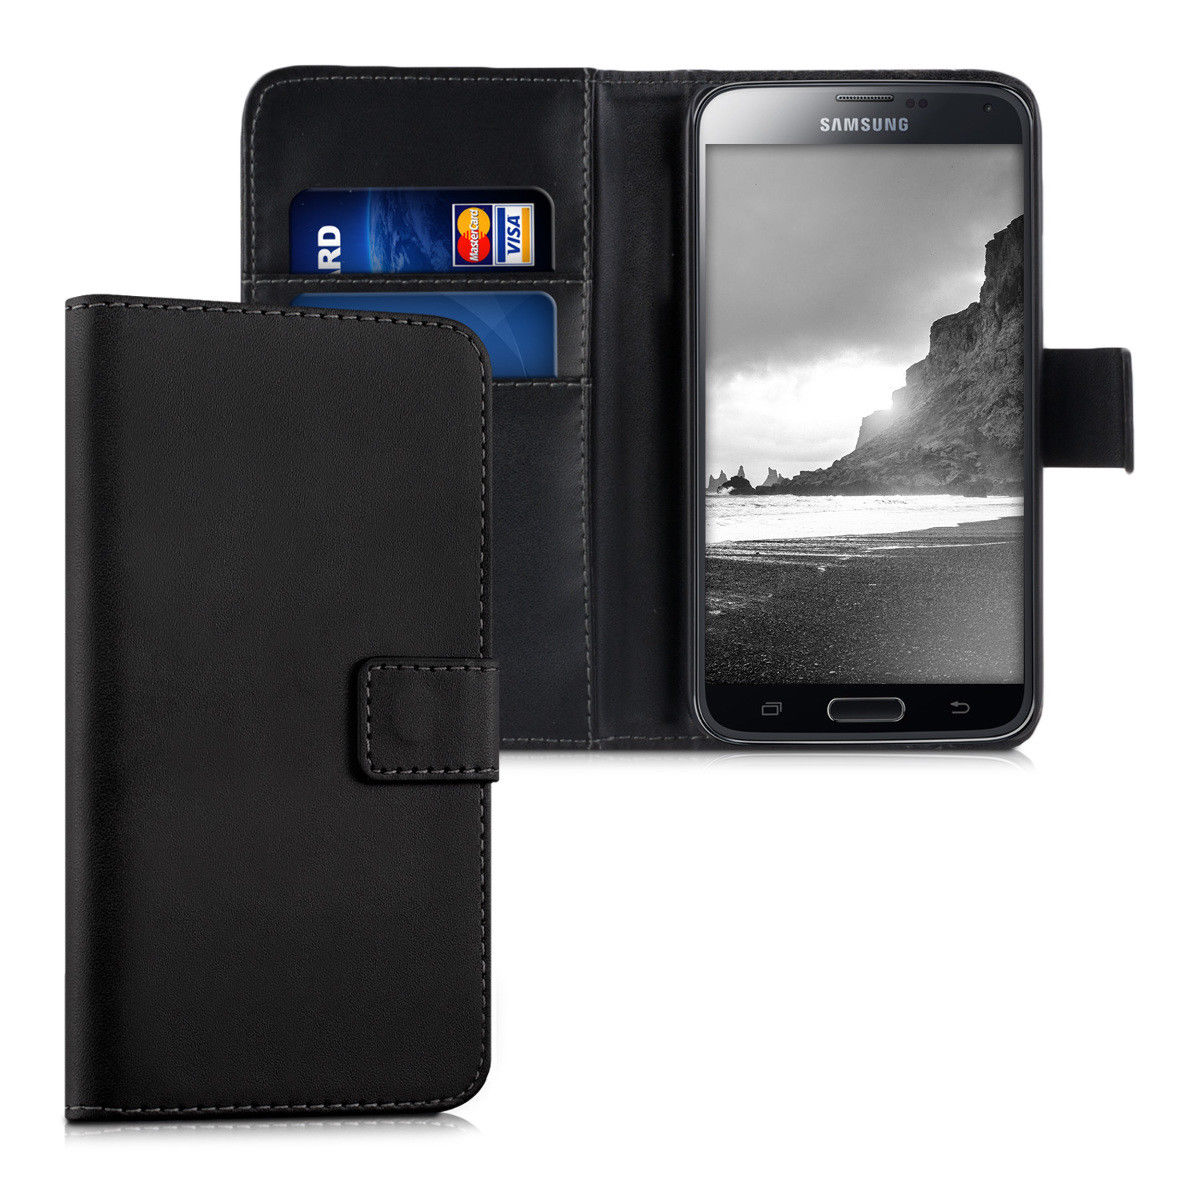 Pouzdro pro Samsung Galaxy S5 černé